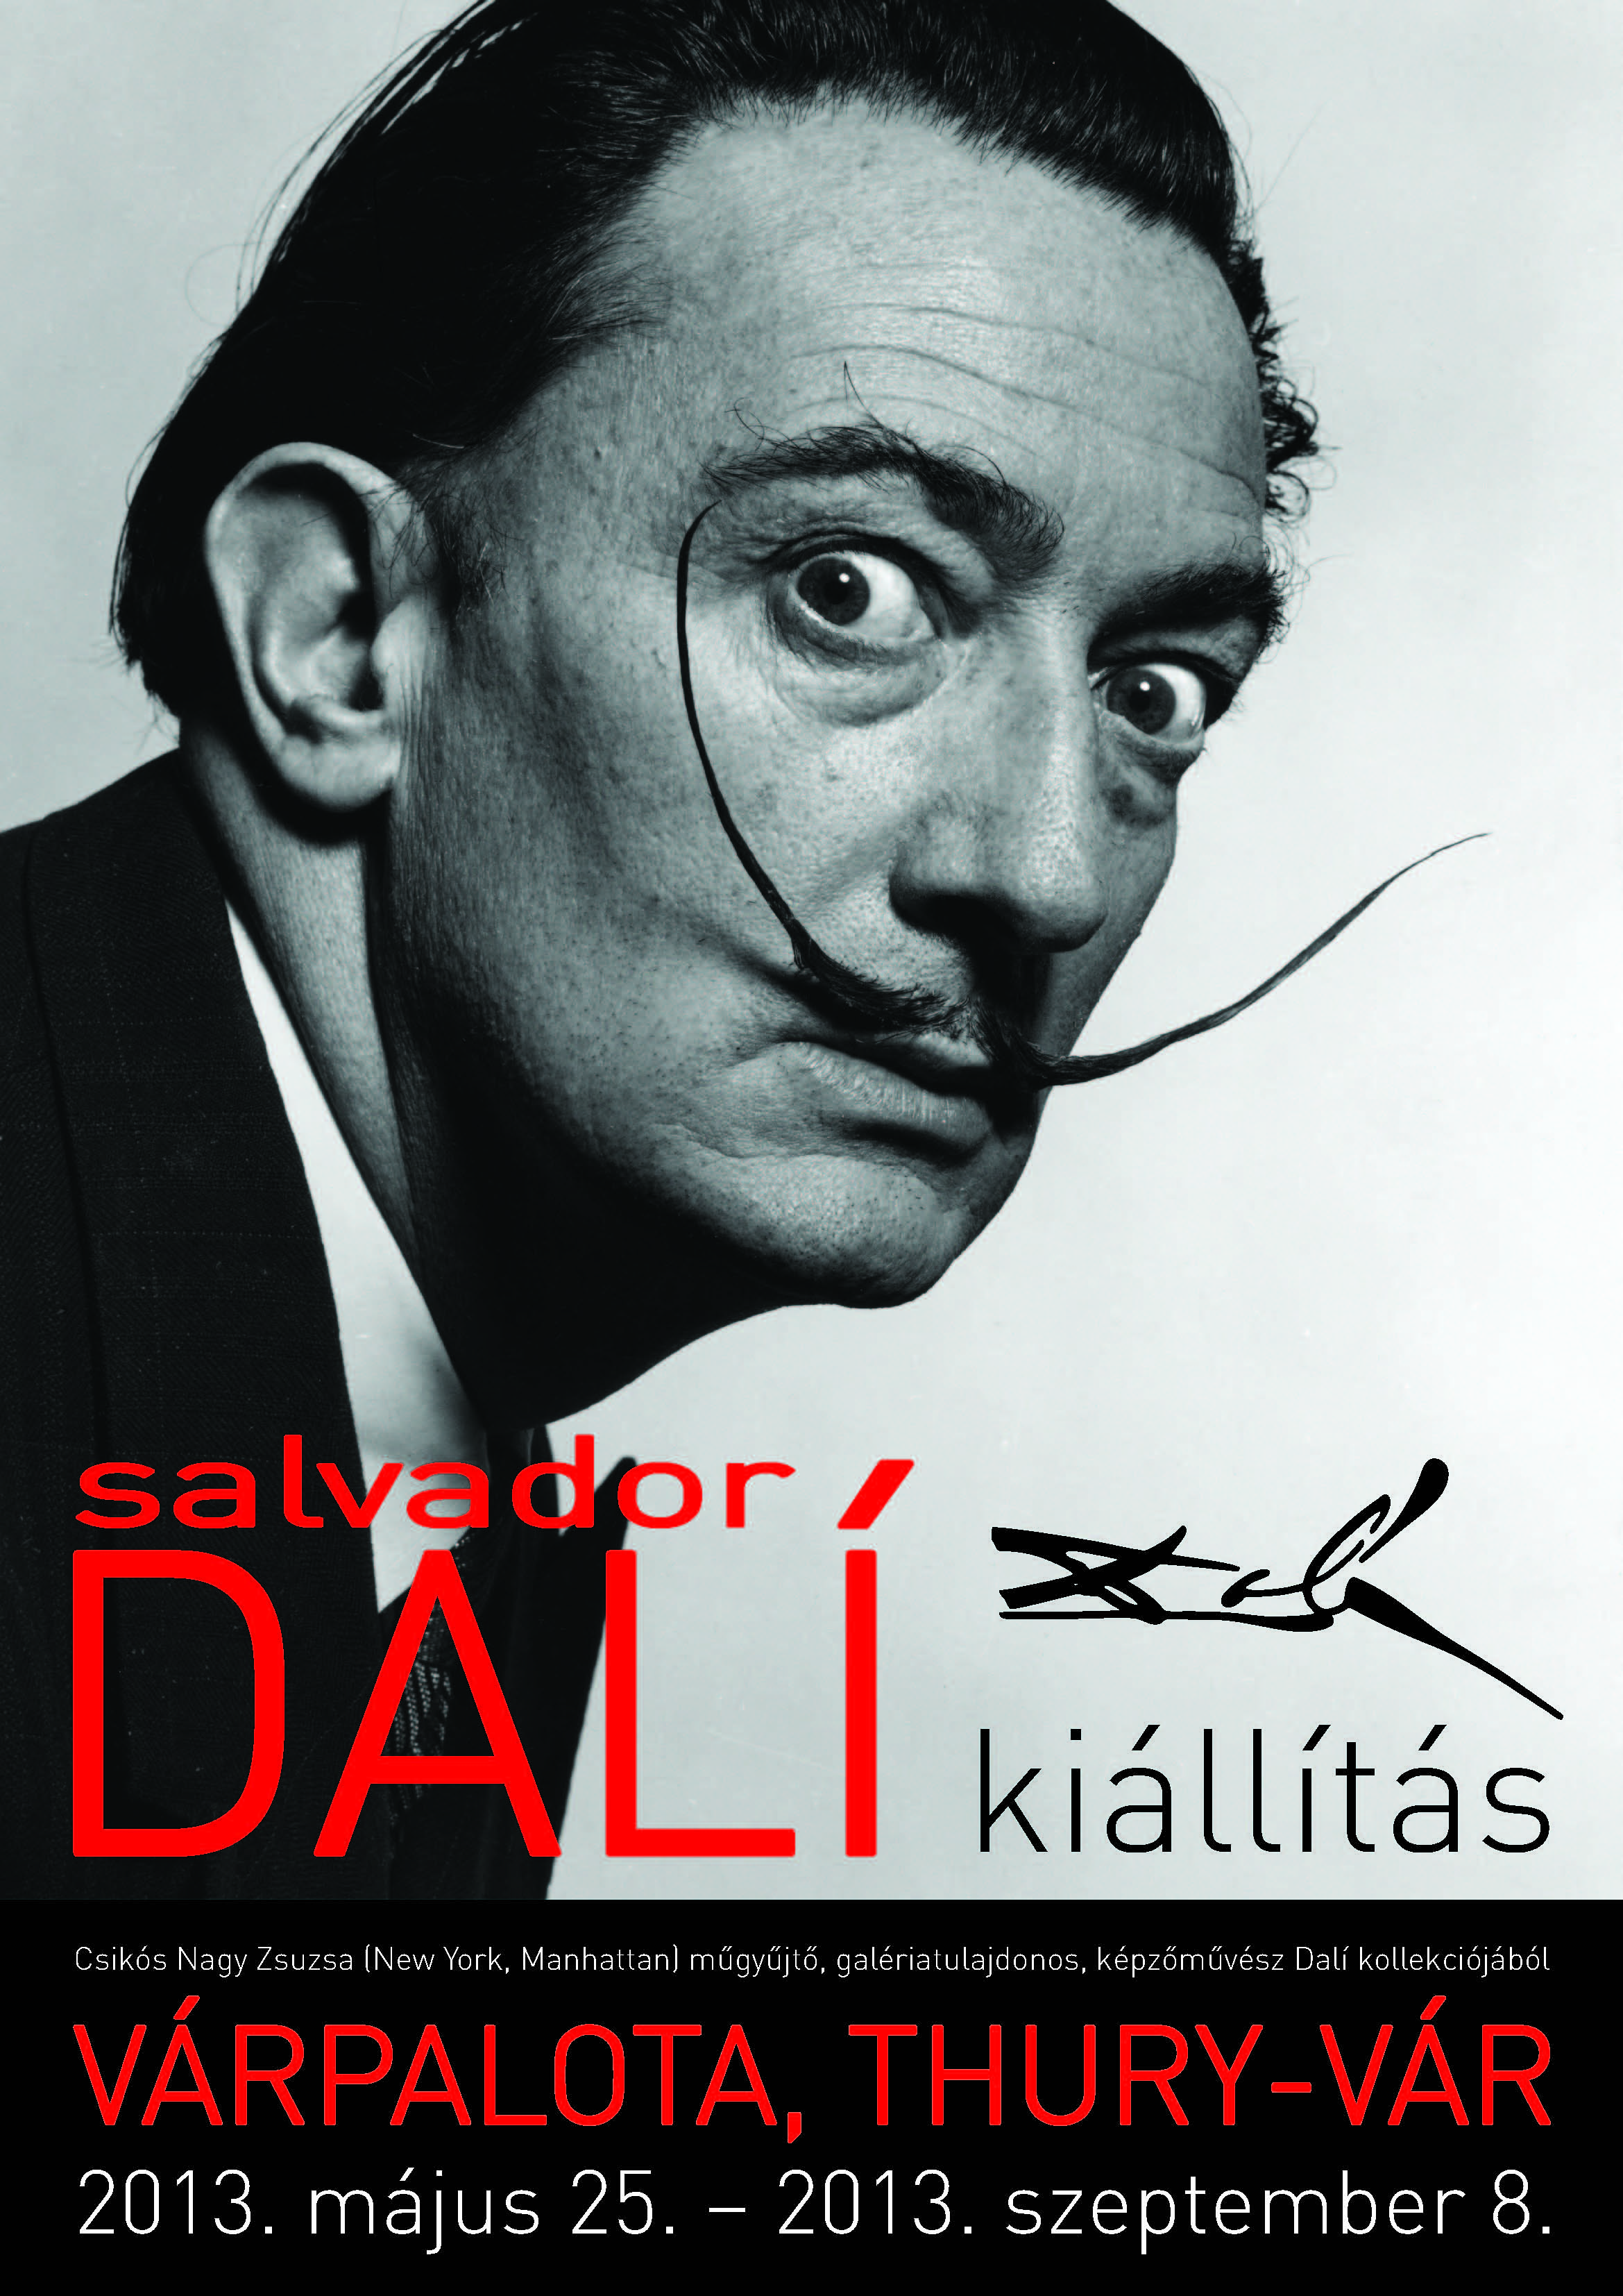 dali_plakat3 (1).jpg